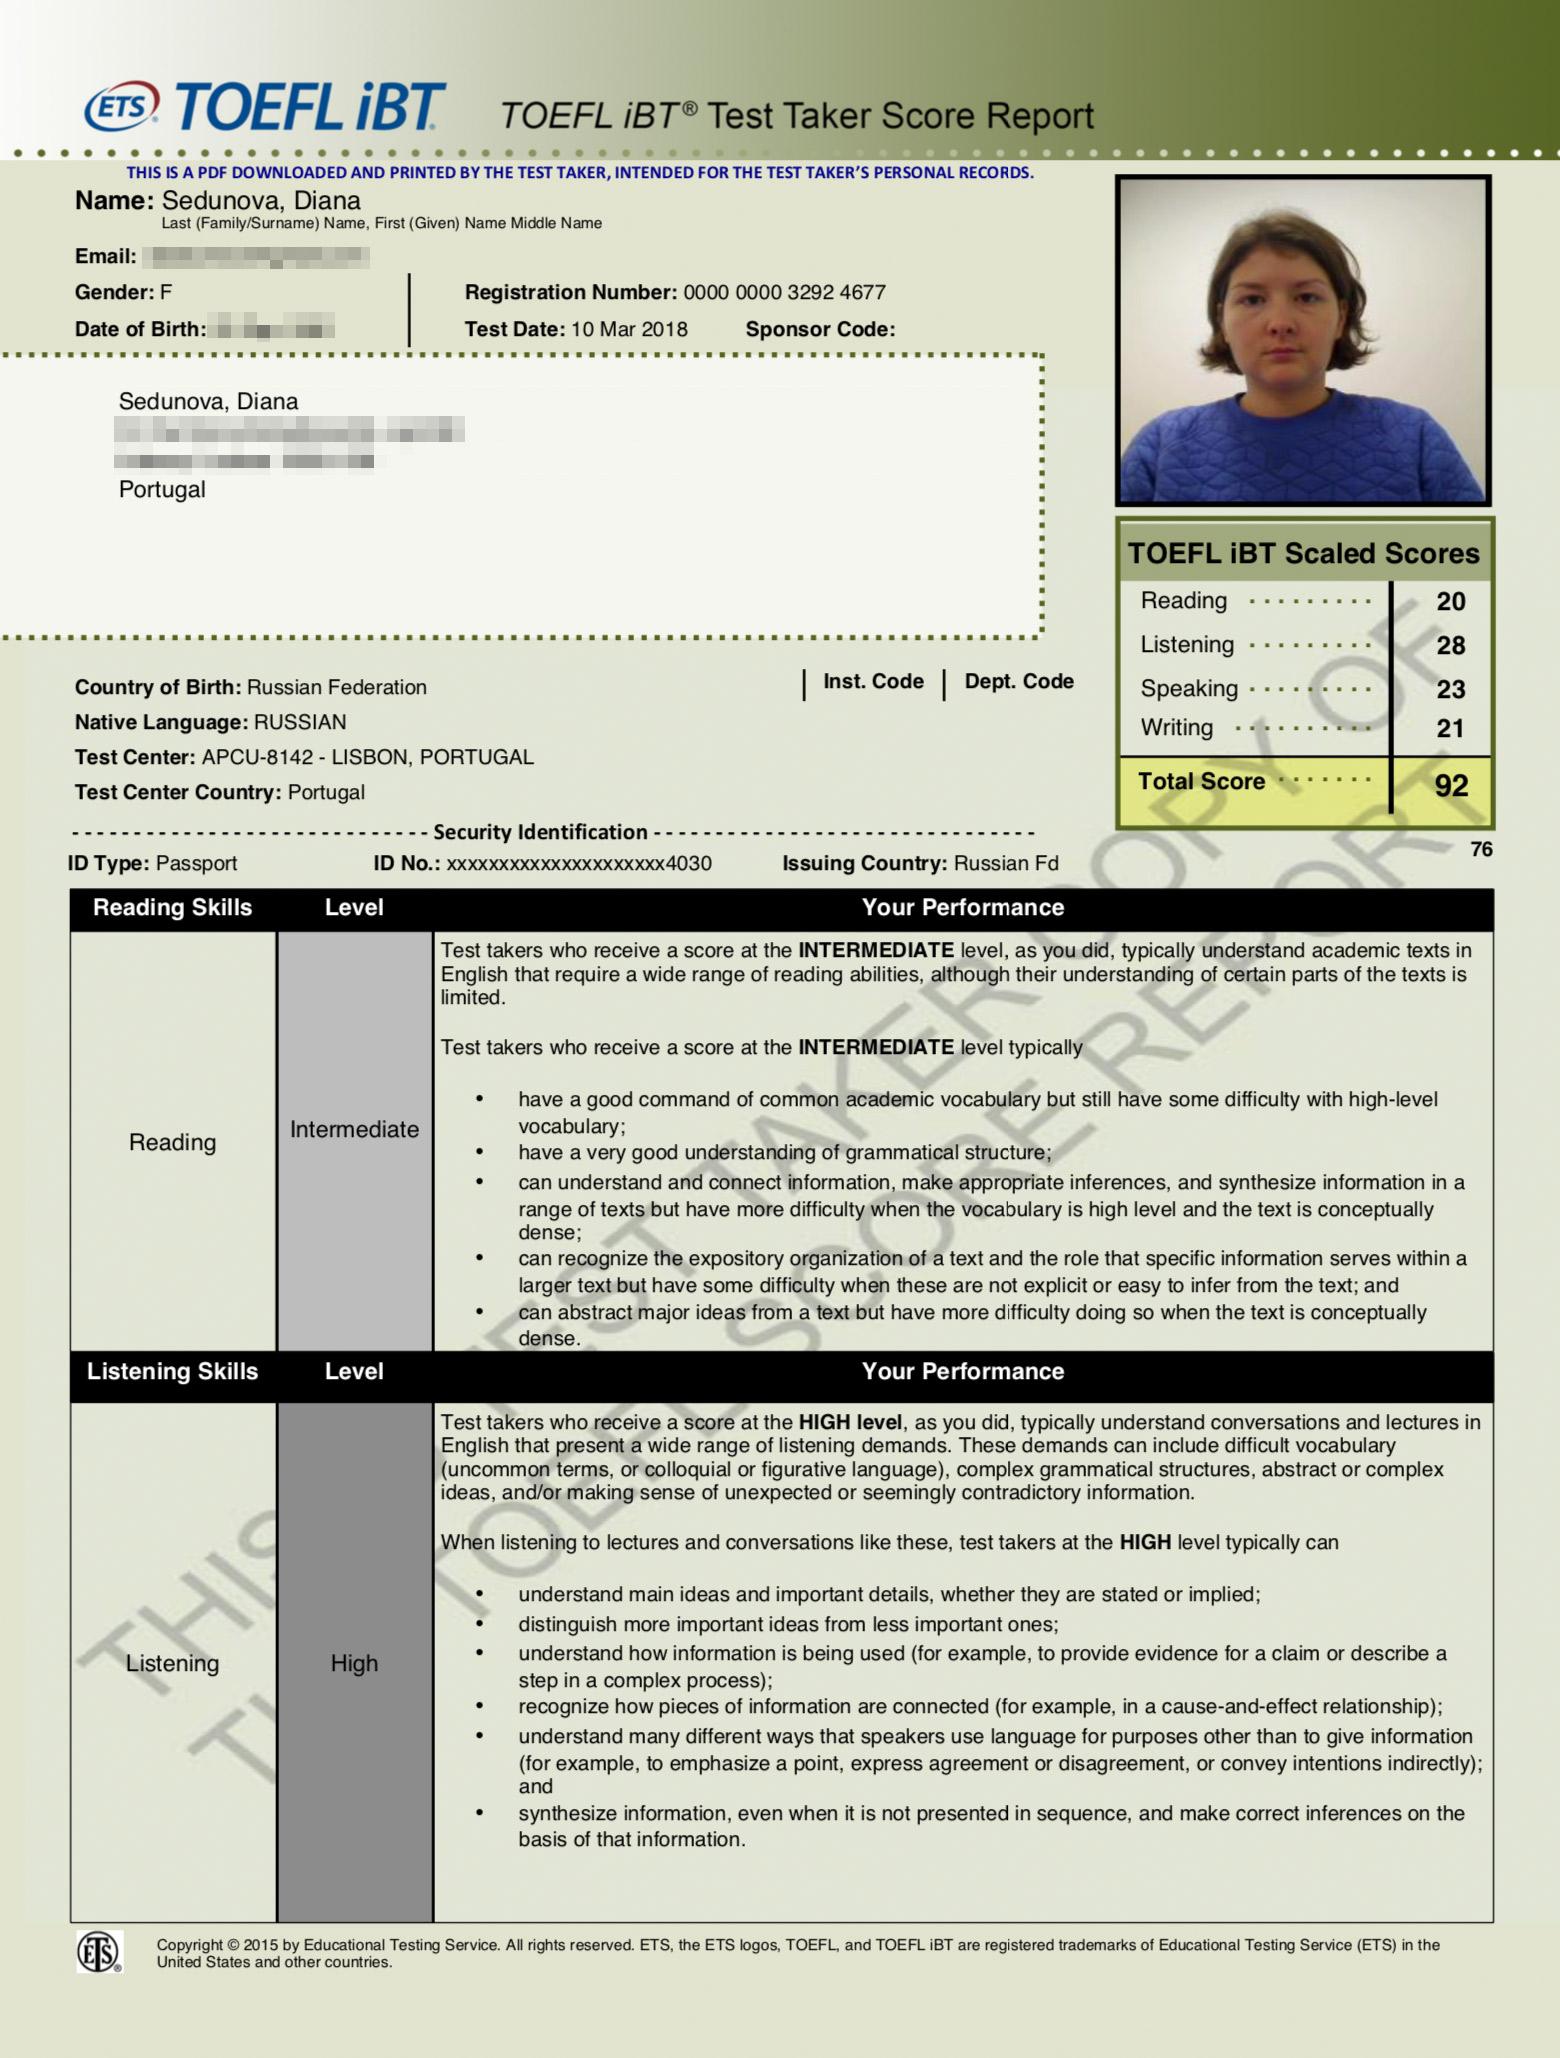 Результаты моего теста TOEFL